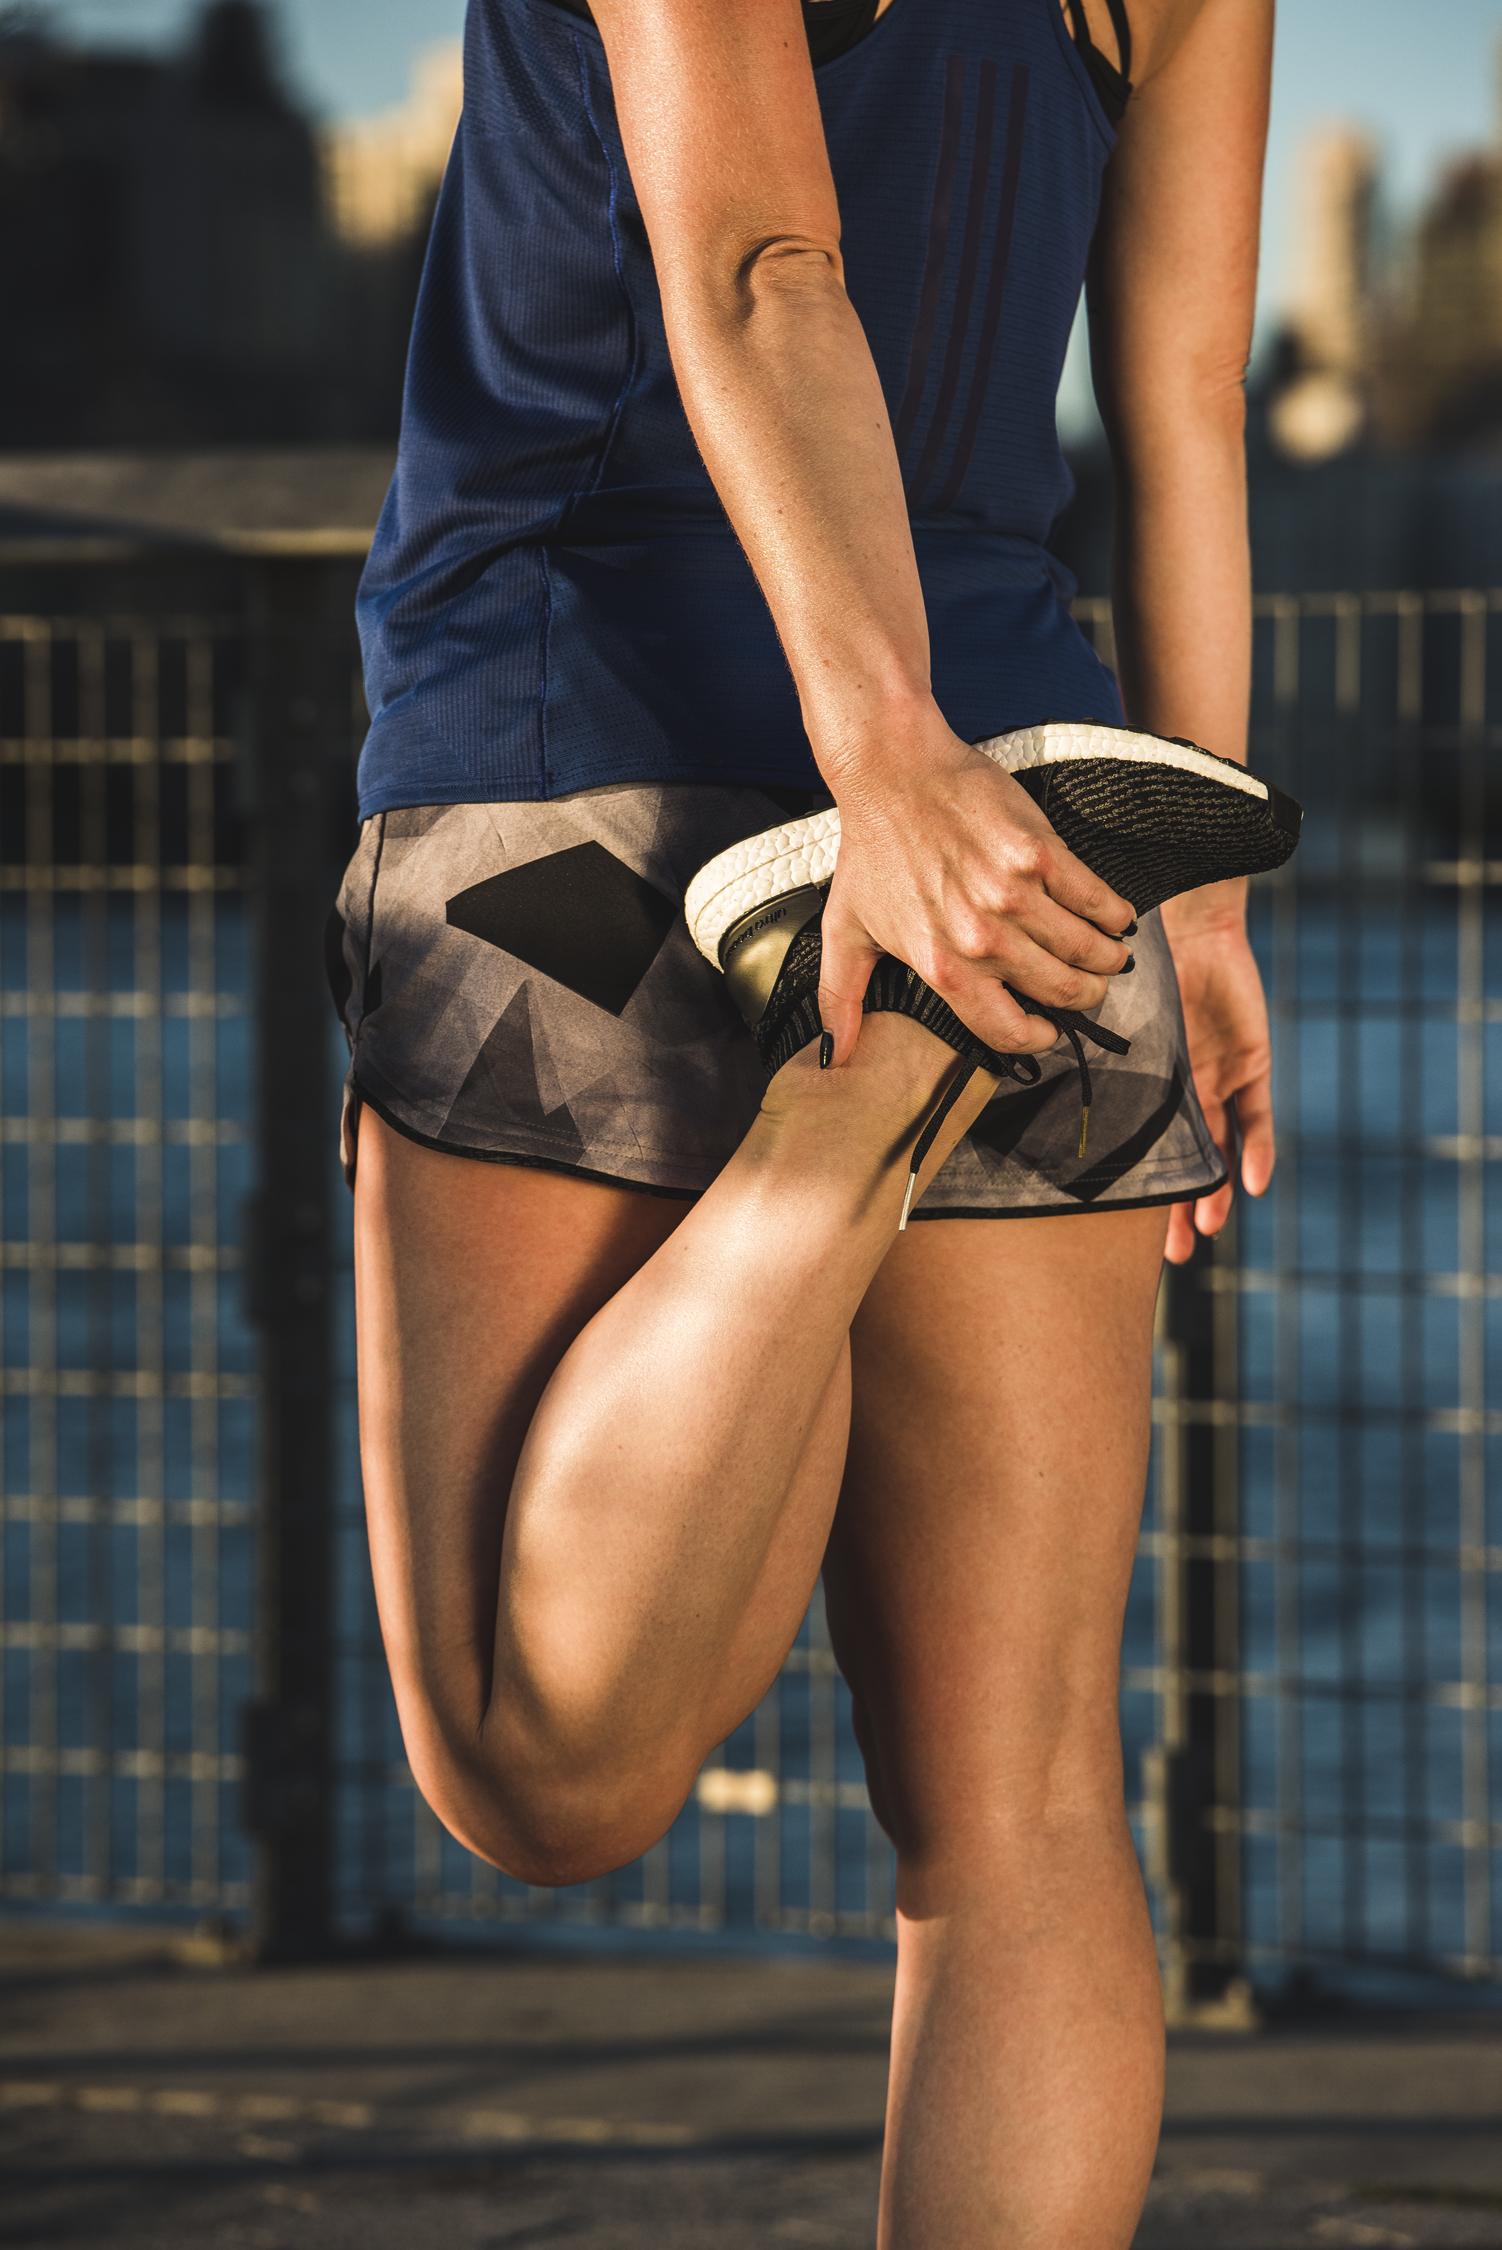 adidas_fearless_af_kamp_grizz_brian_kelley_13.jpg